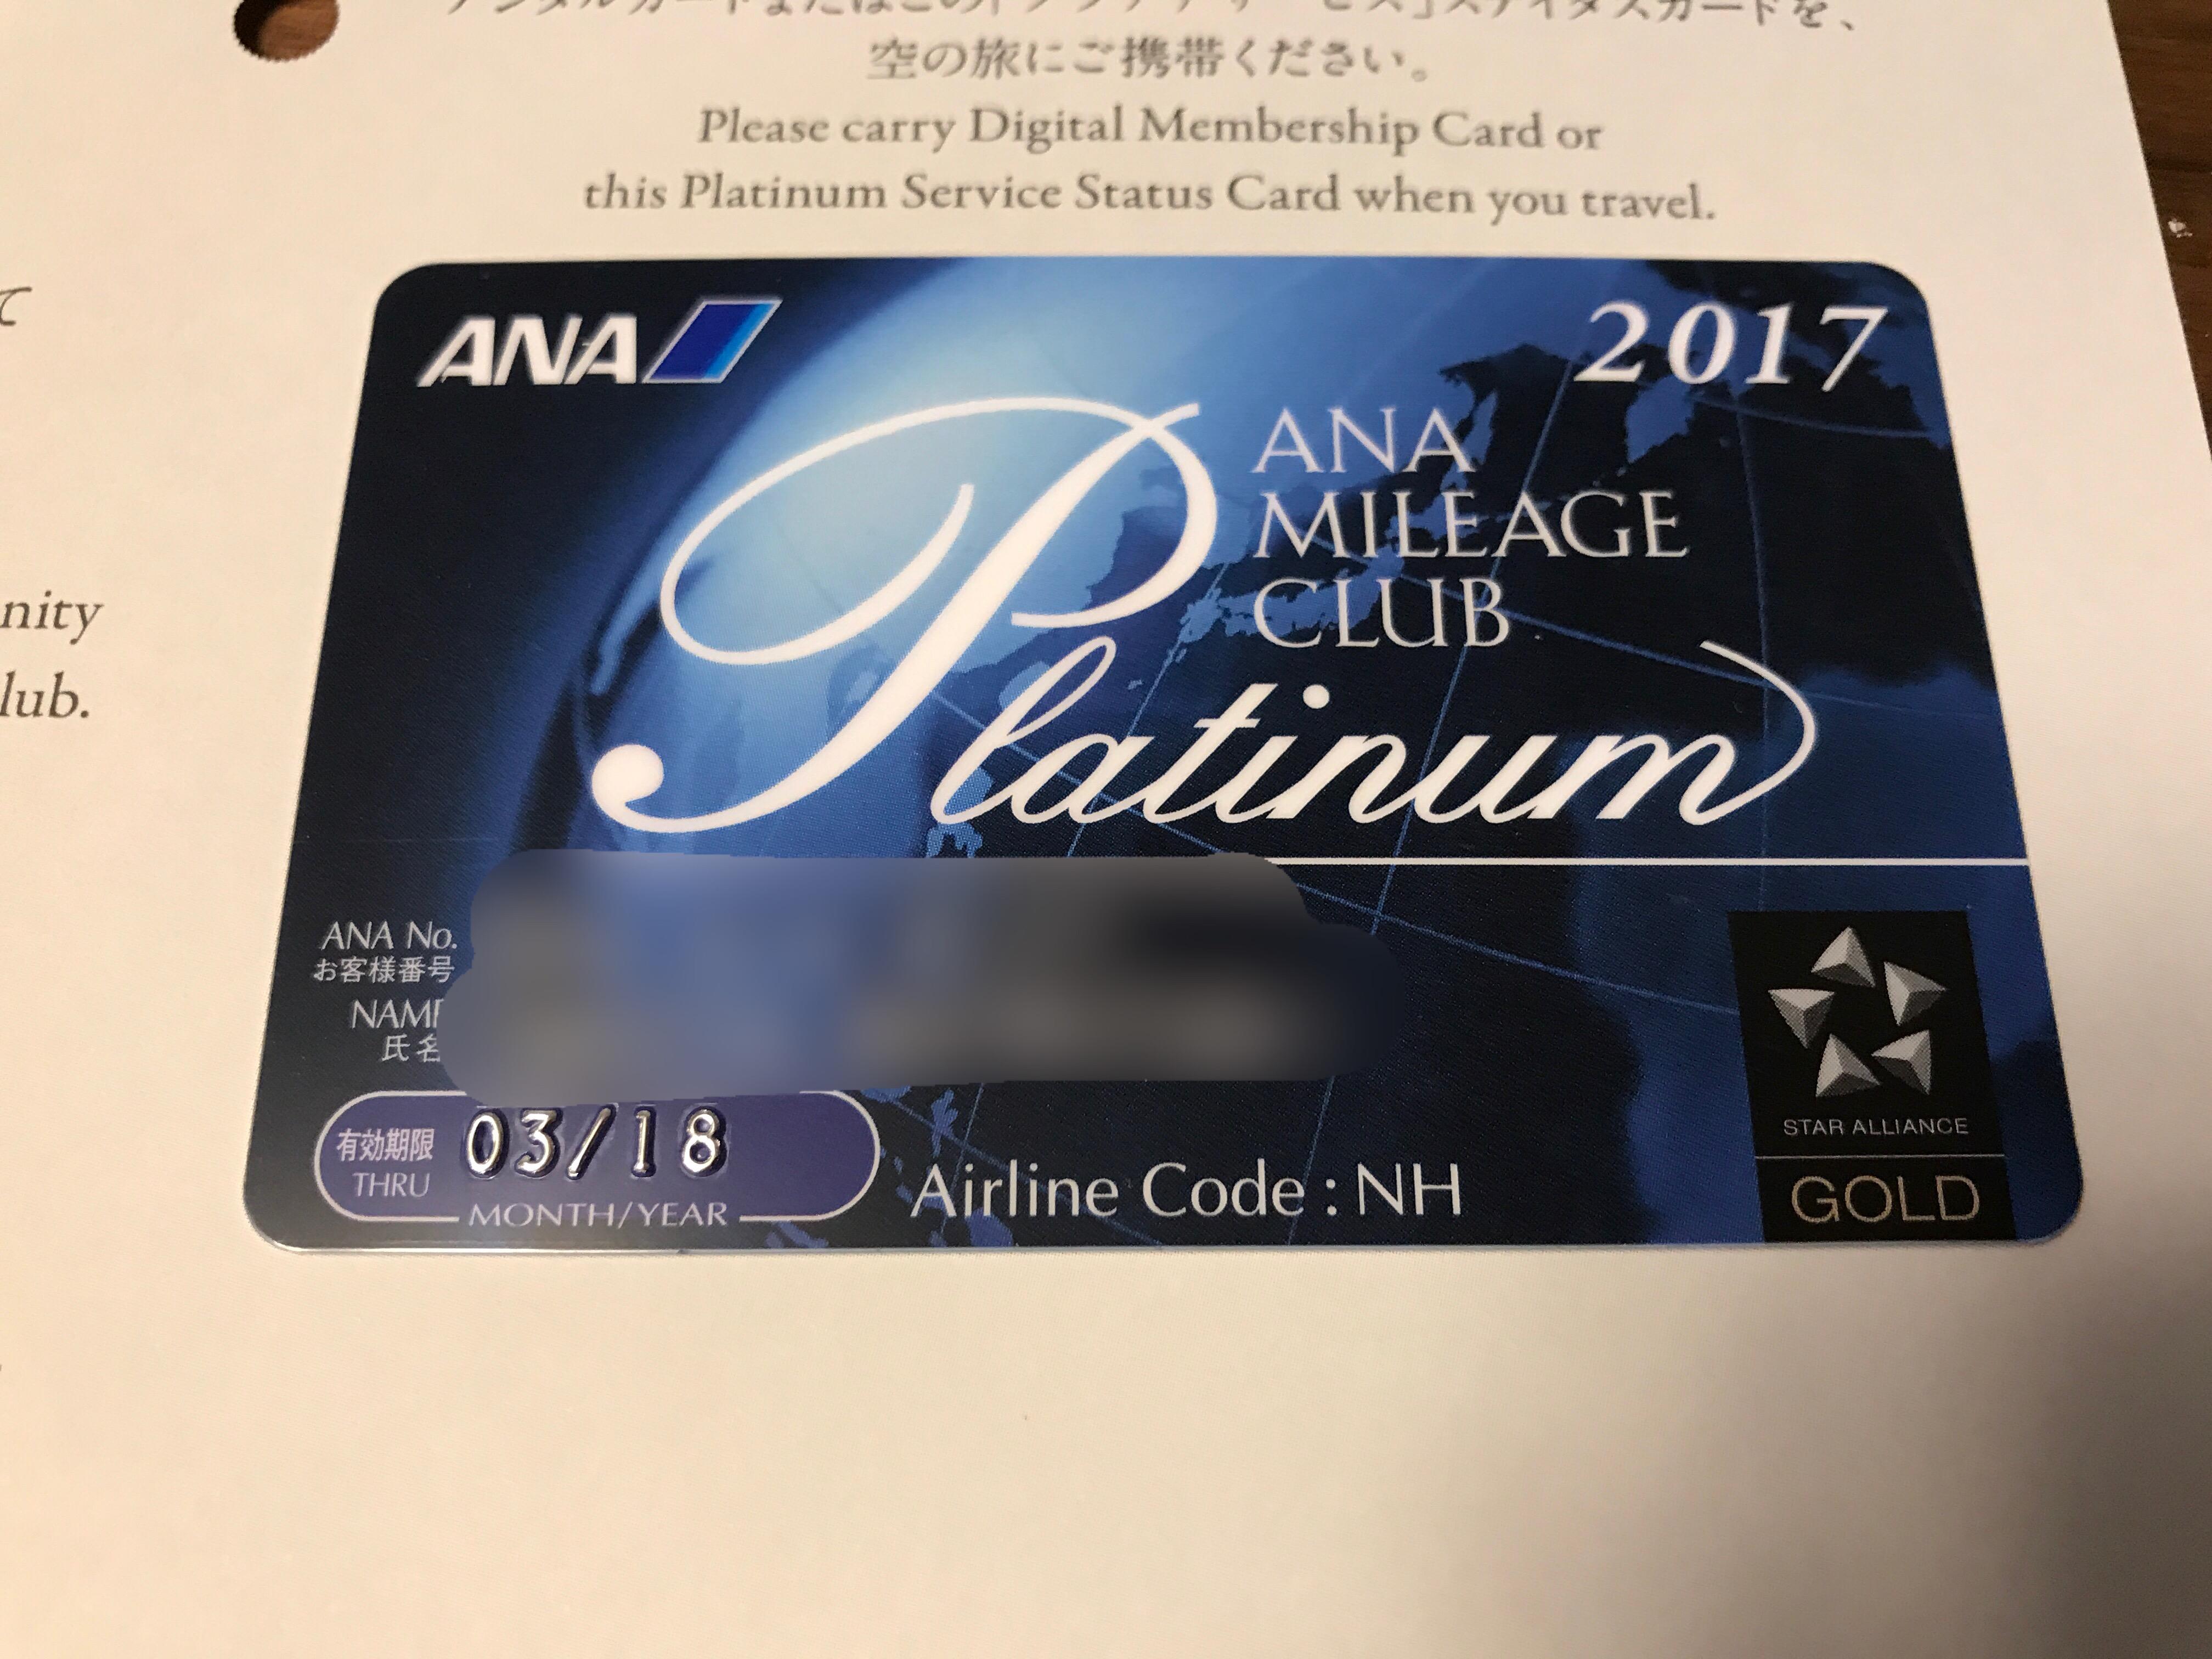 2017年度ANAプラチナメンバー ステータスカードが届いた!